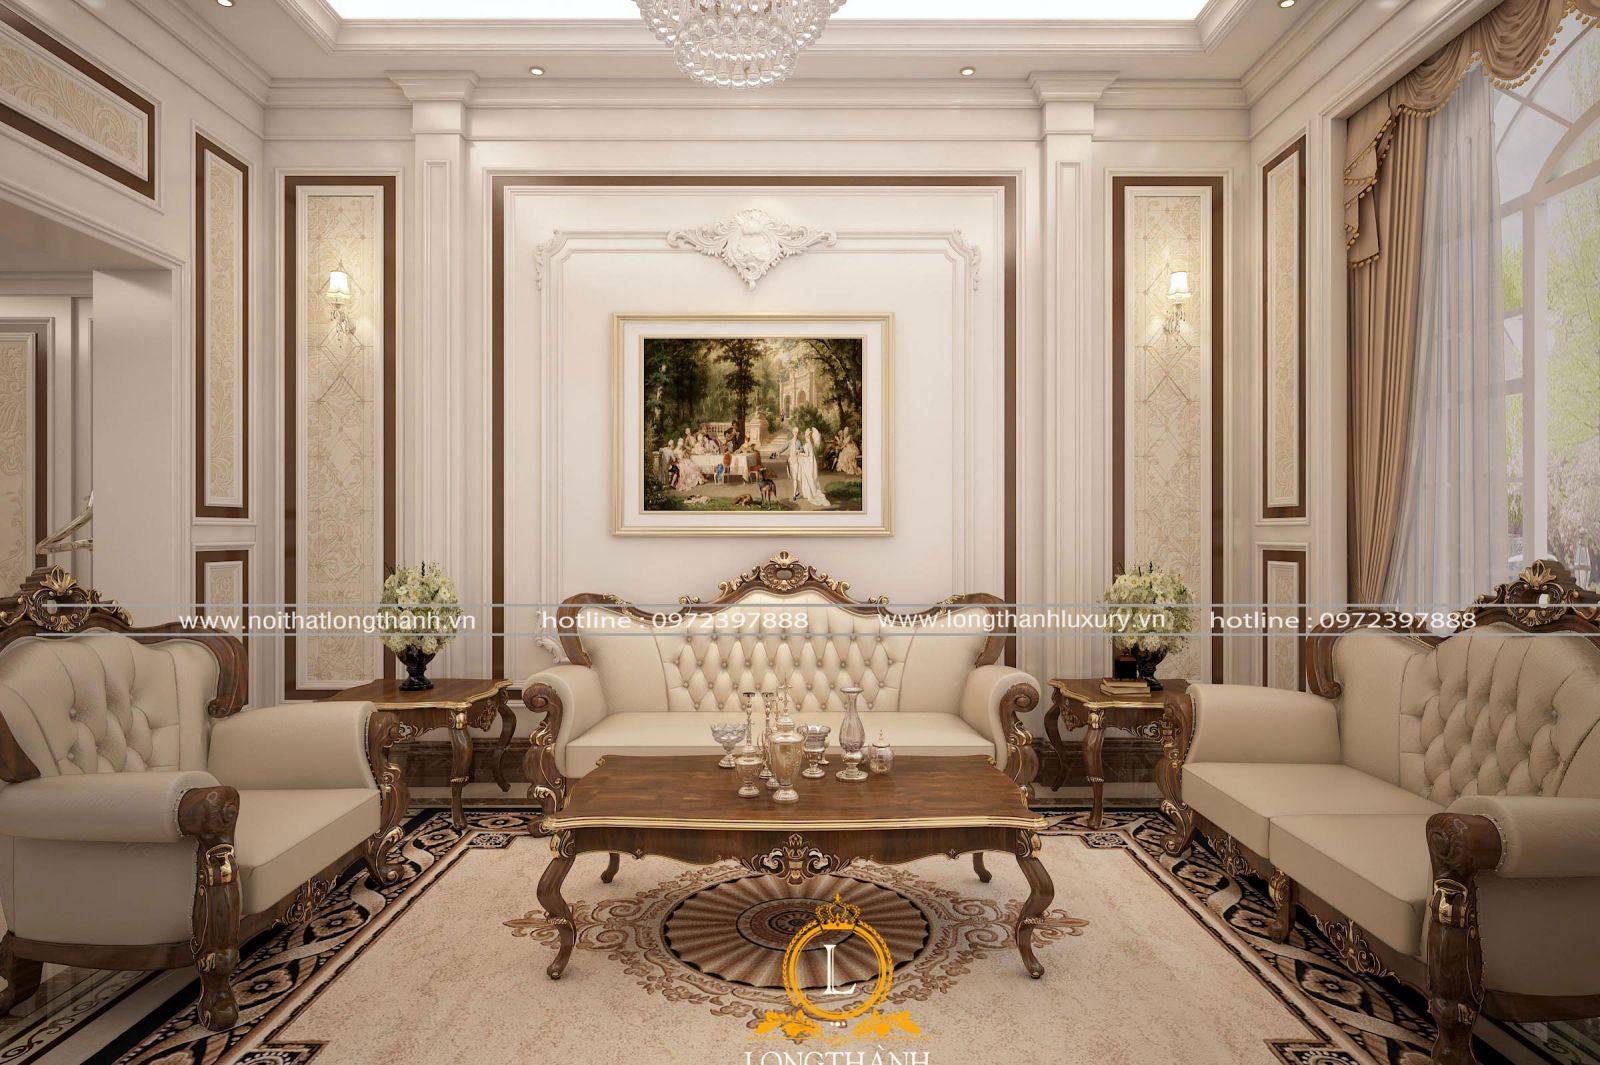 mẫu sofa tân cổ điển cho phòng khách đẹp nhẹ nhàng